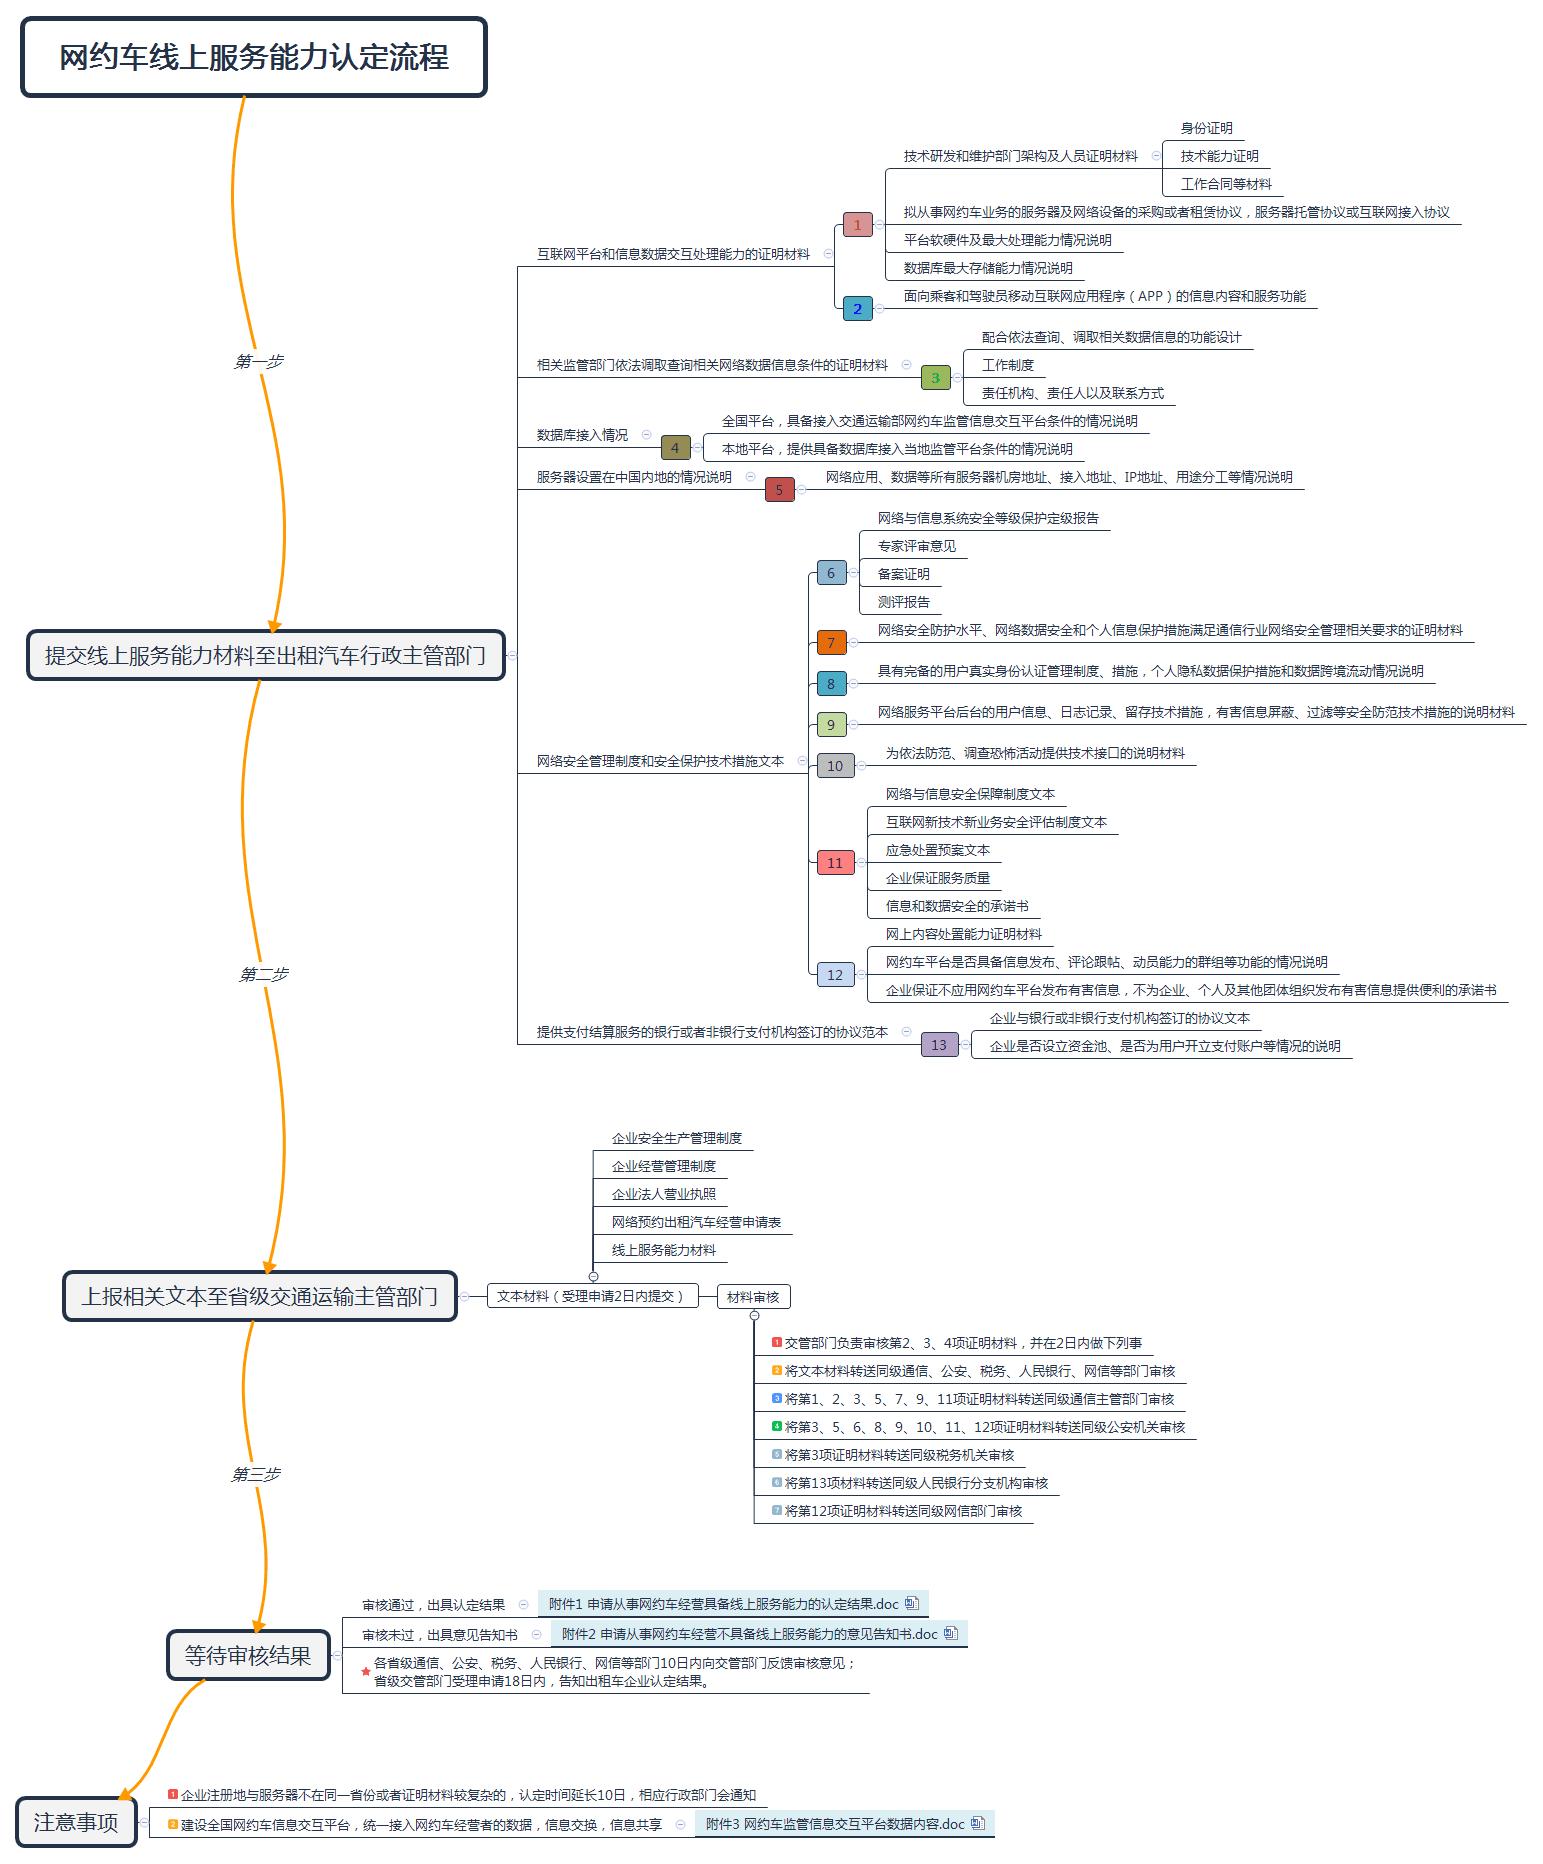 网约车线上服务能力认证流程图.png